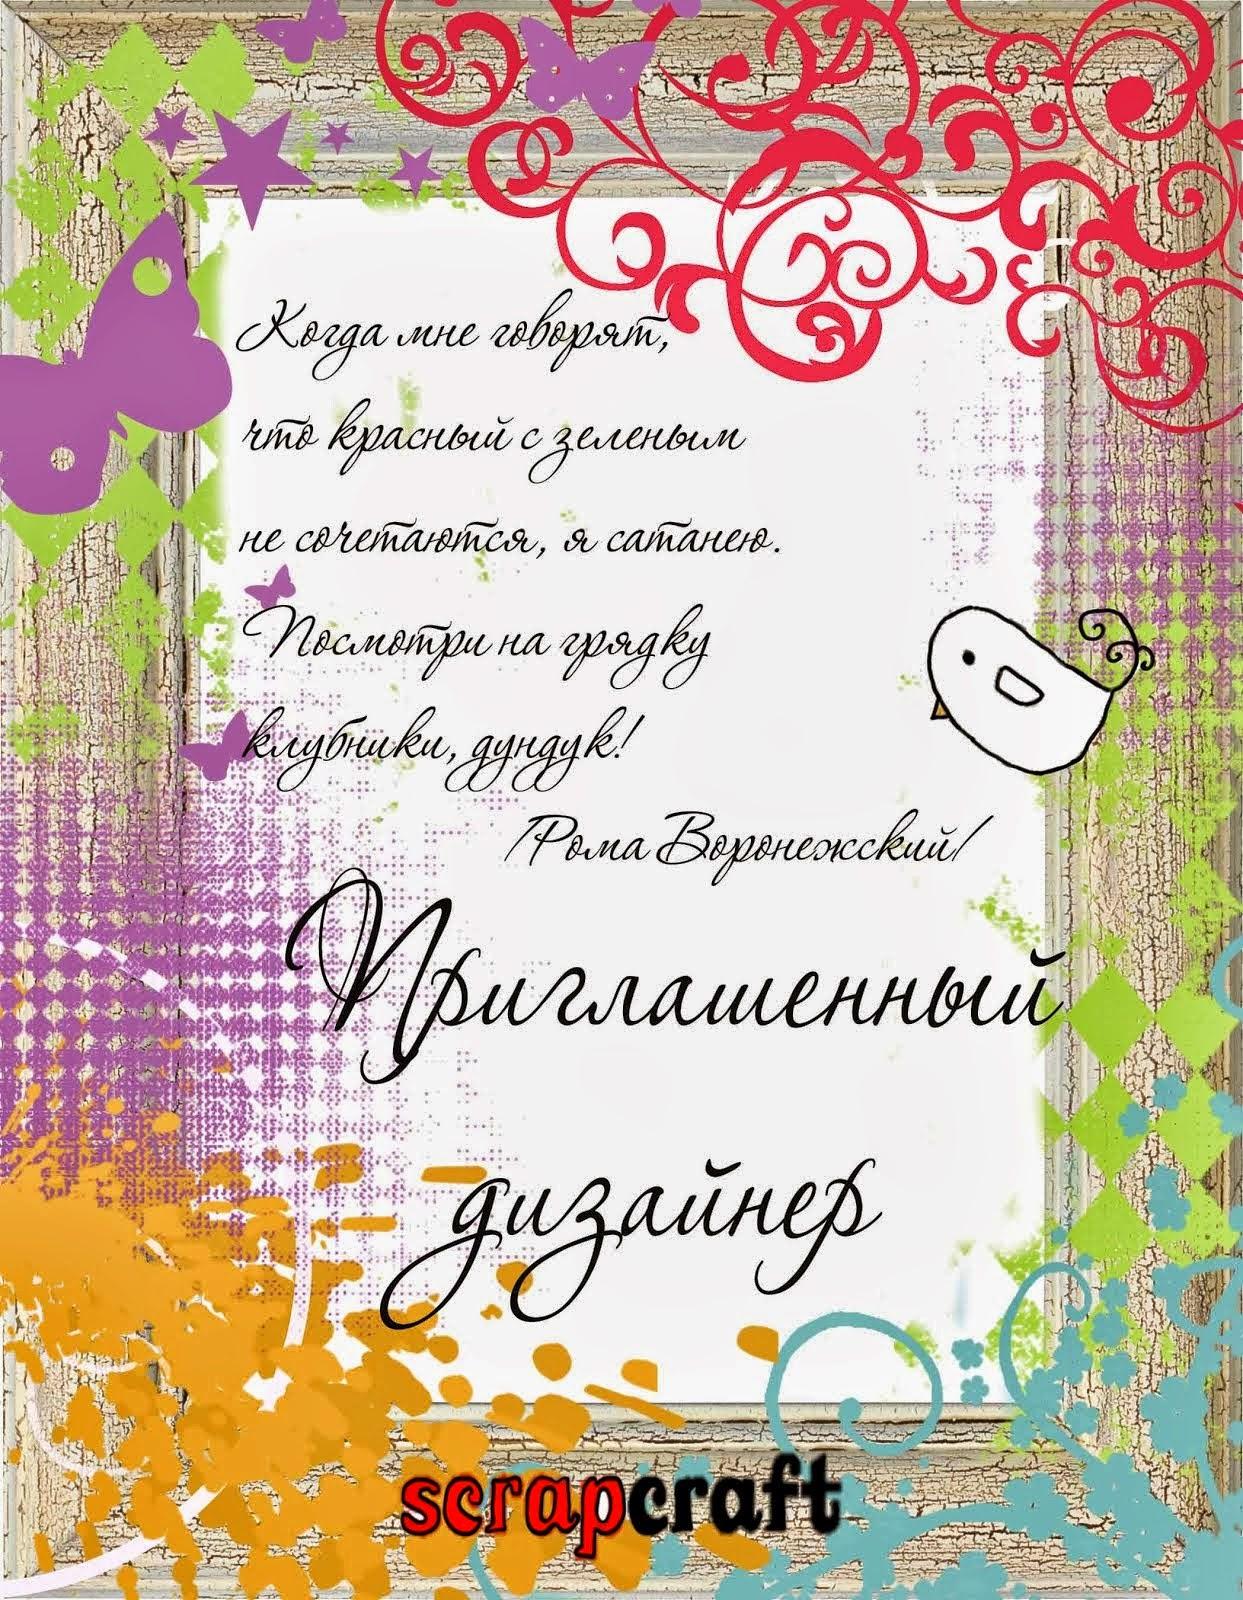 http://scrapcraft-ru.blogspot.de/2014/09/7.html